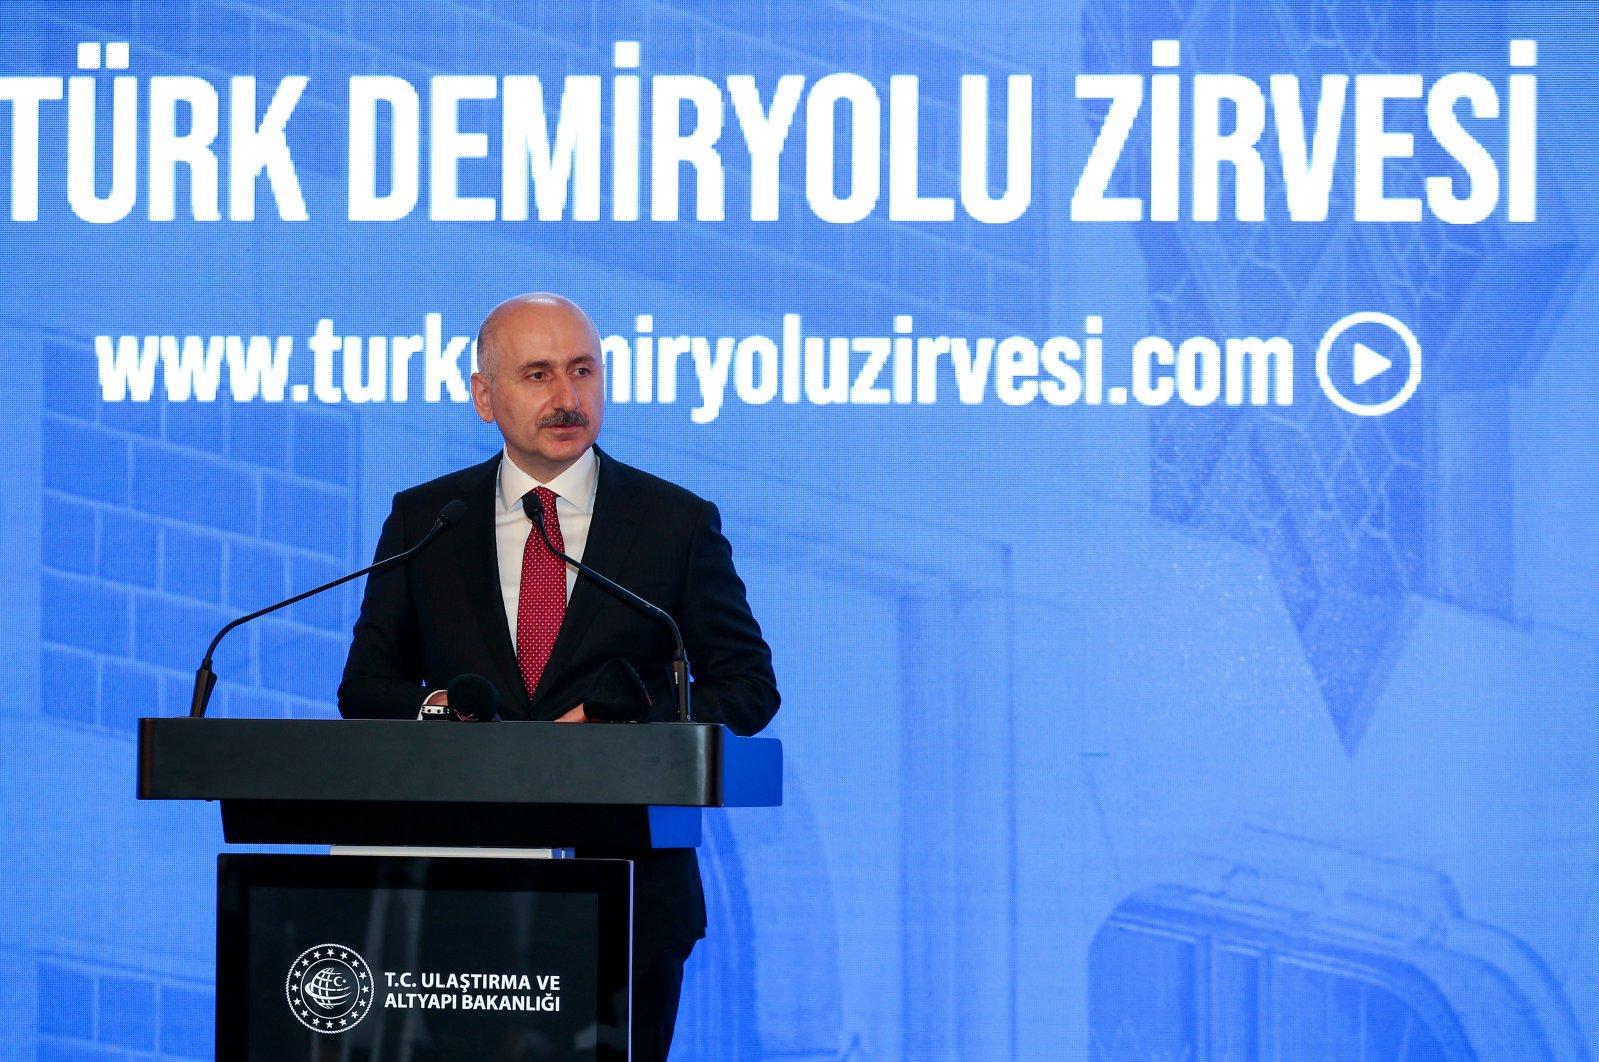 Transport and Infrastructure Minister Adil Karaismailoğlu speaks during the Turkish Railway Summit, Istanbul, Oct. 21, 2020. (AA Photo)